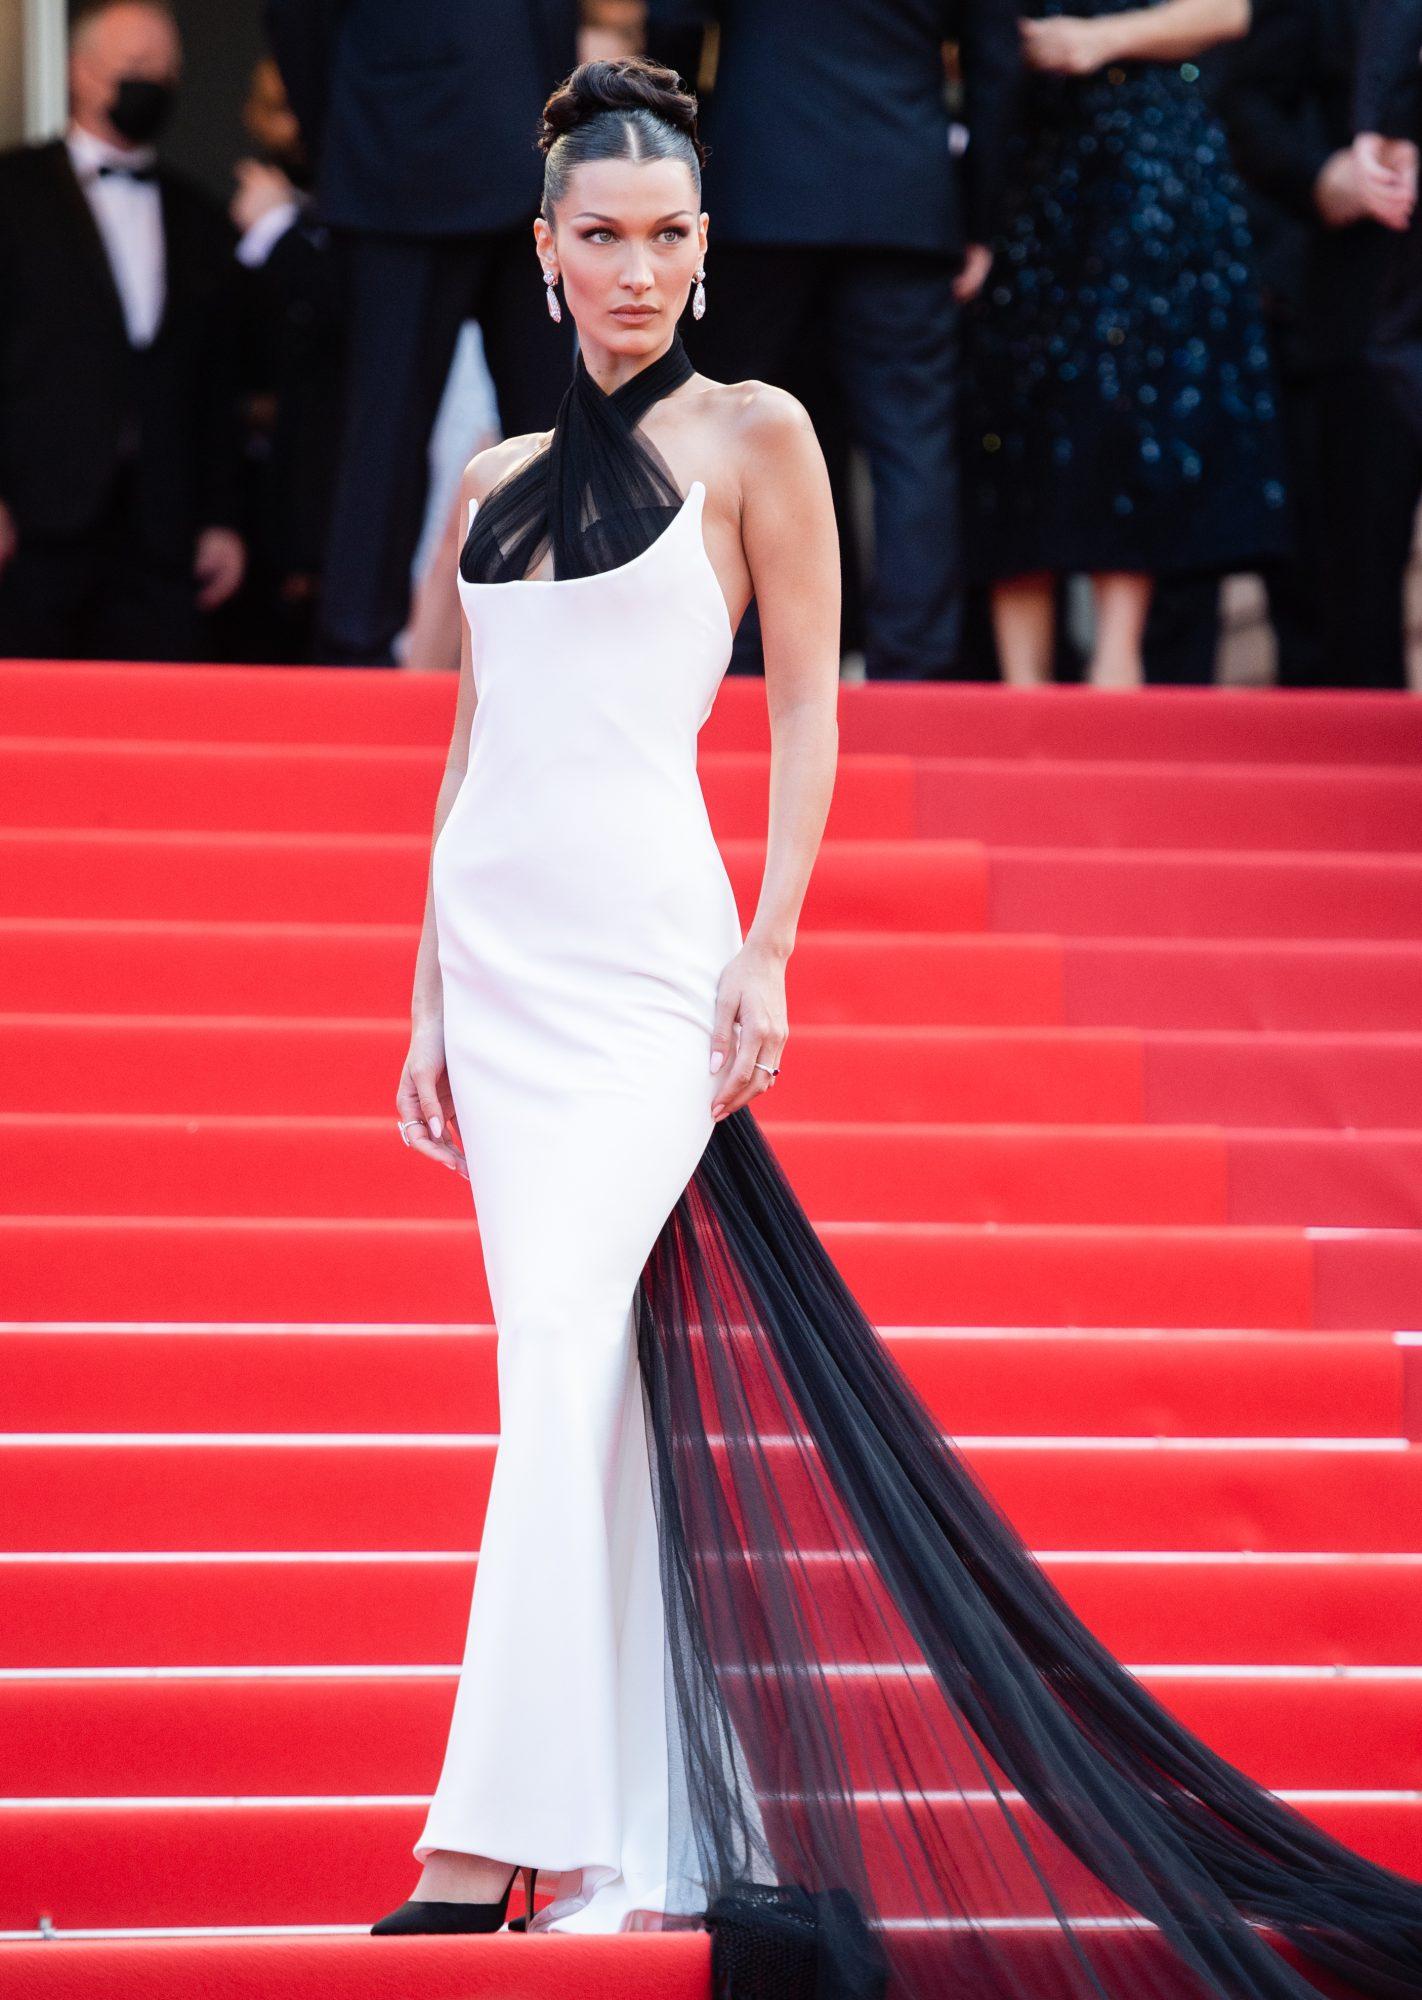 Festival de cine de Cannes alfombra roja, Bella Hadid